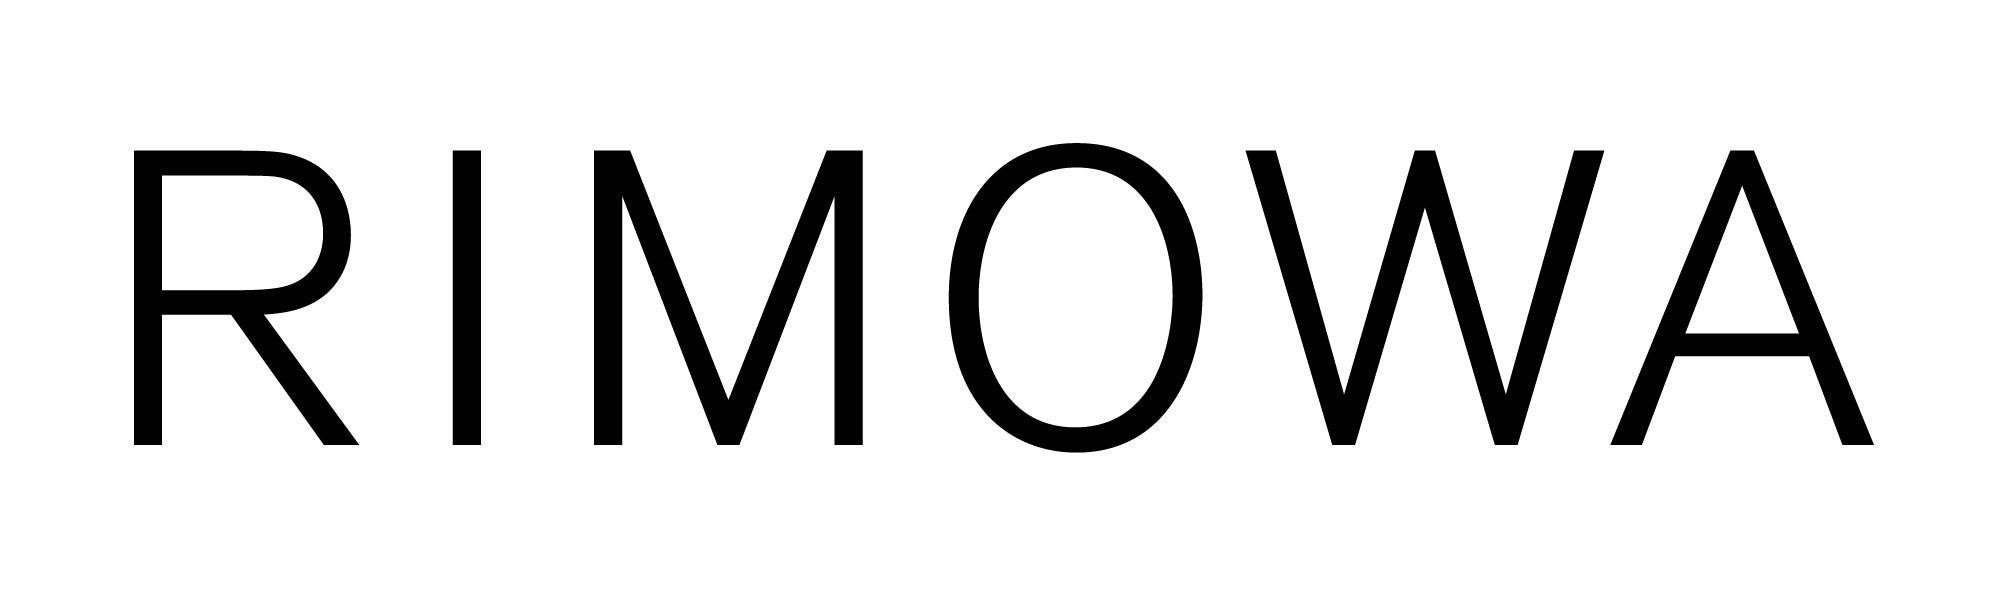 RIMOWA 2 logo